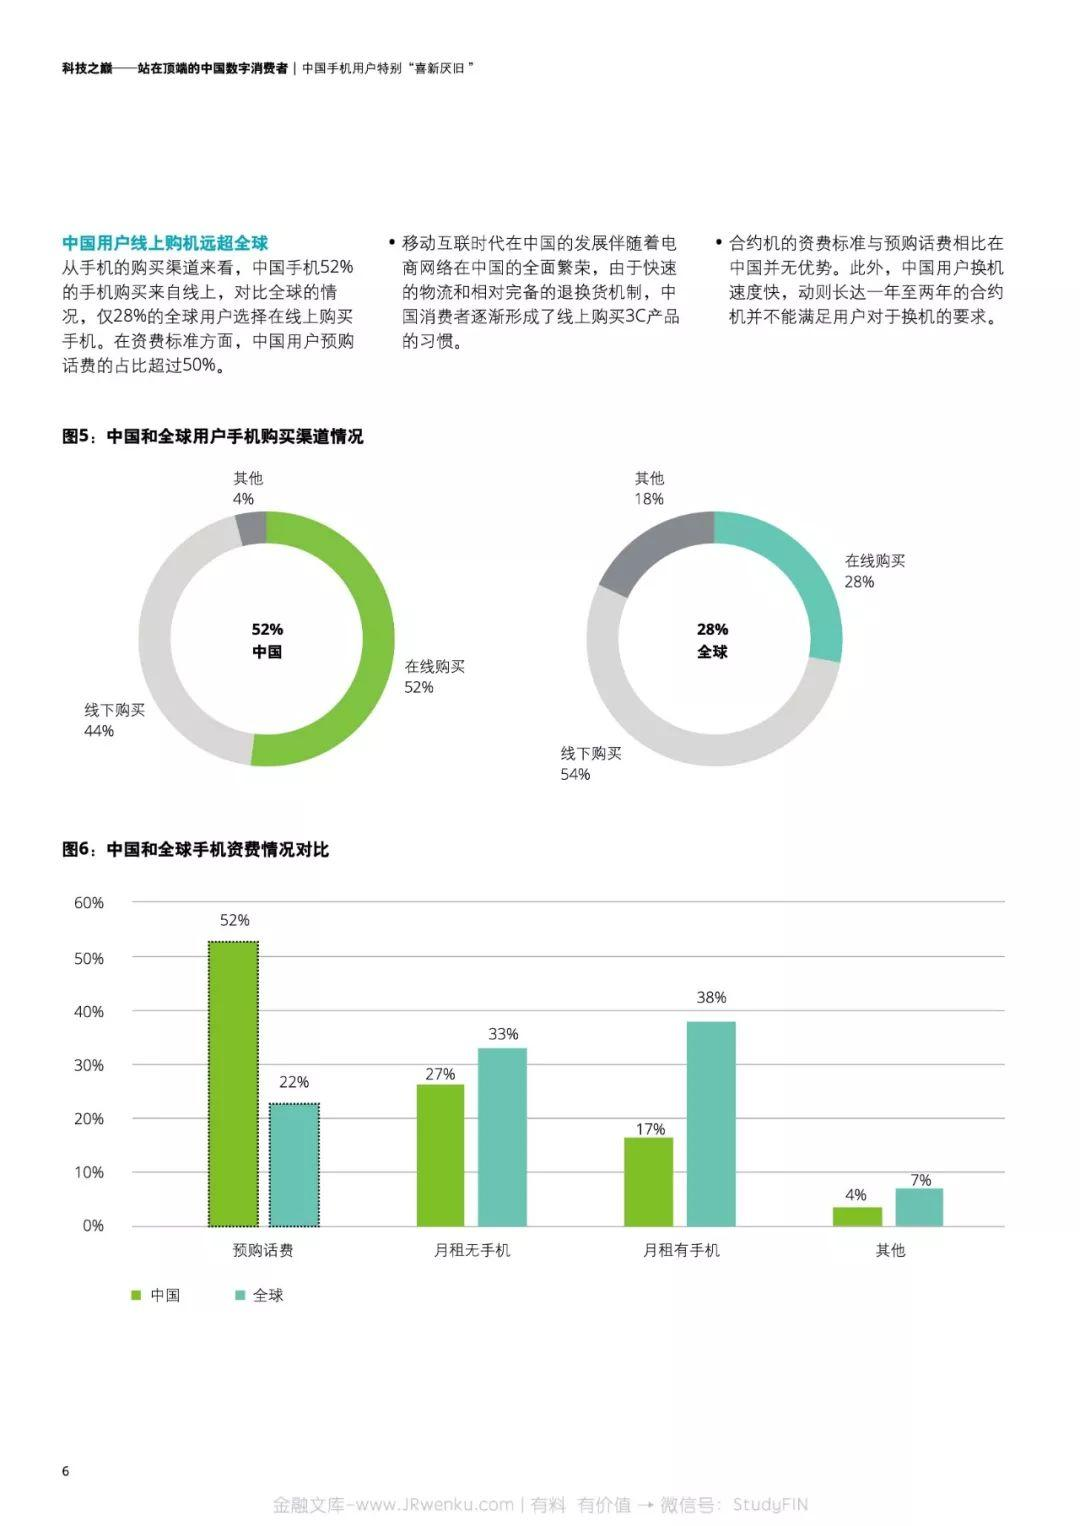 德勤:2018中国移动消费者调研(24页)